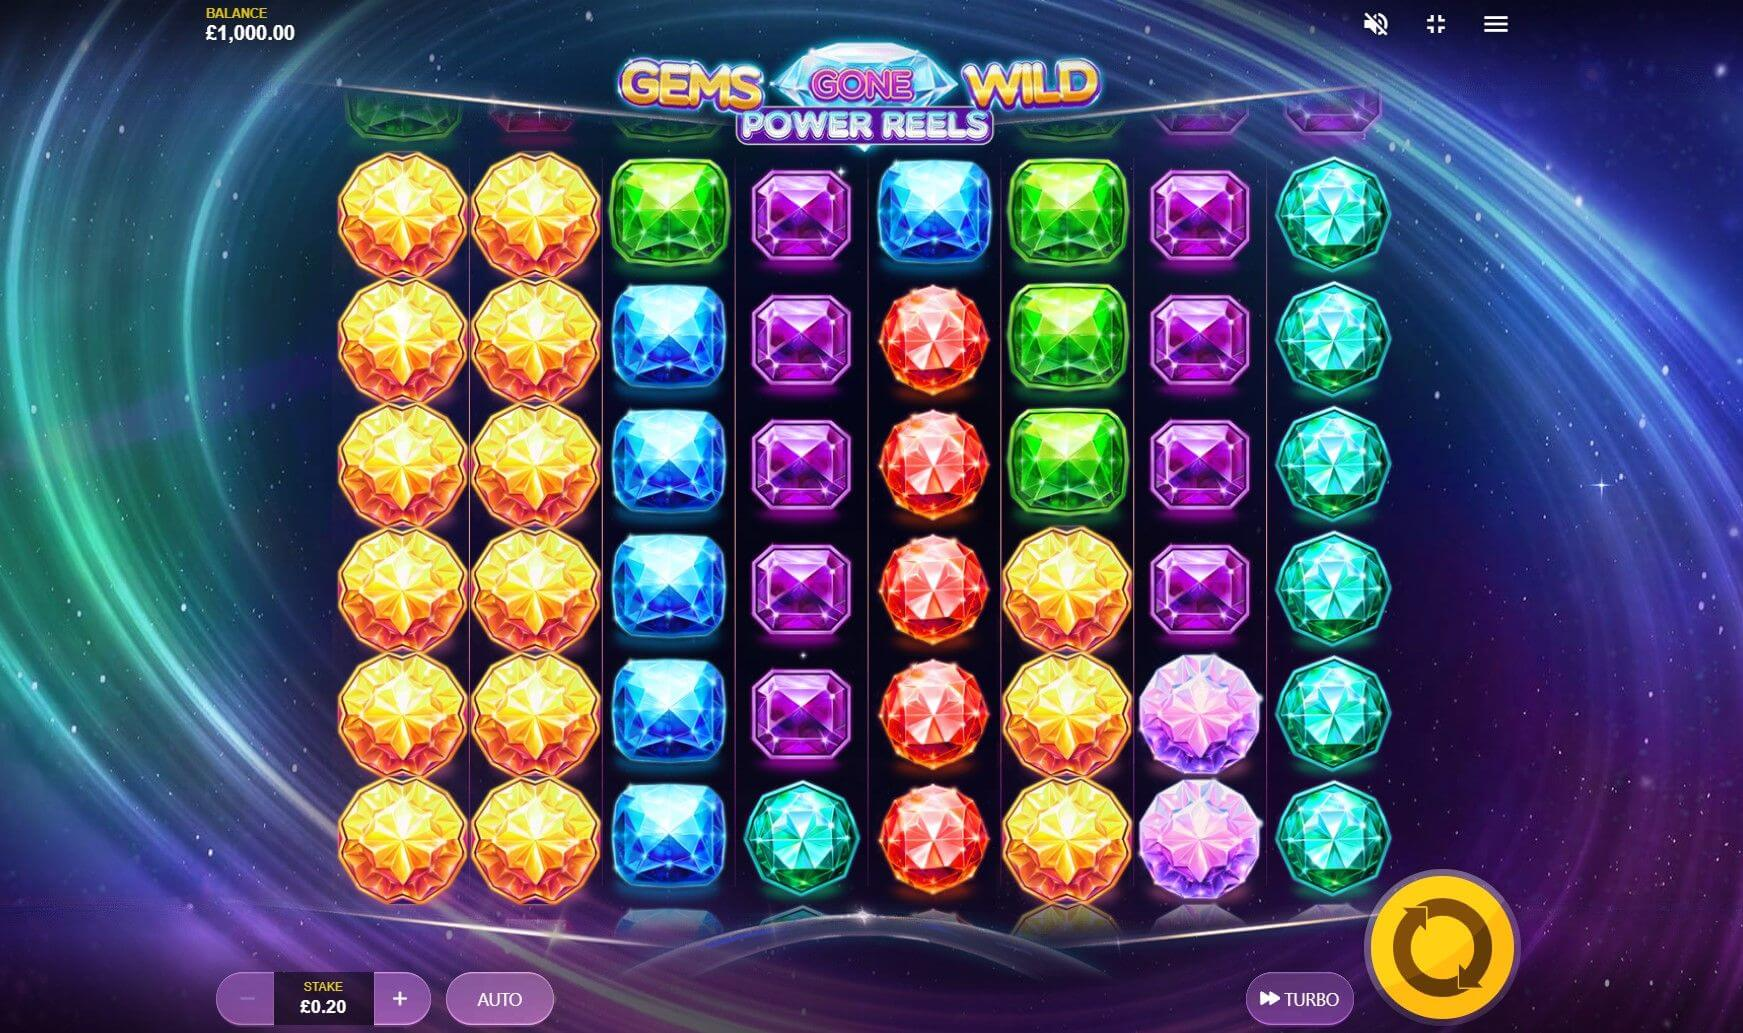 Gems Gone Wild Power Reels Slot Bonus